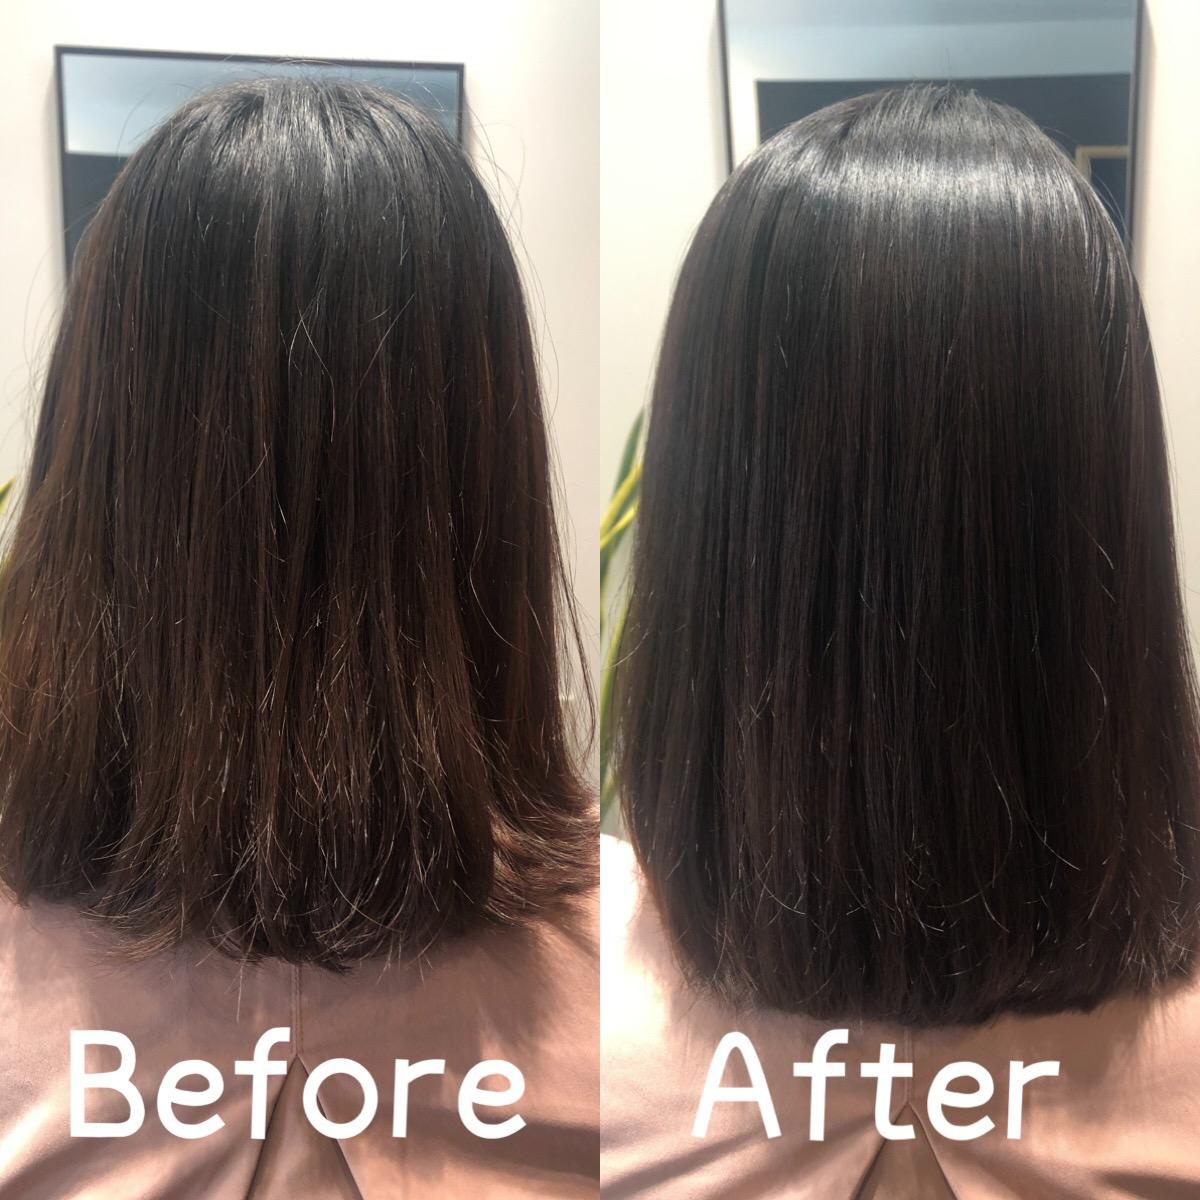 伸びる 遅い 髪の毛 の